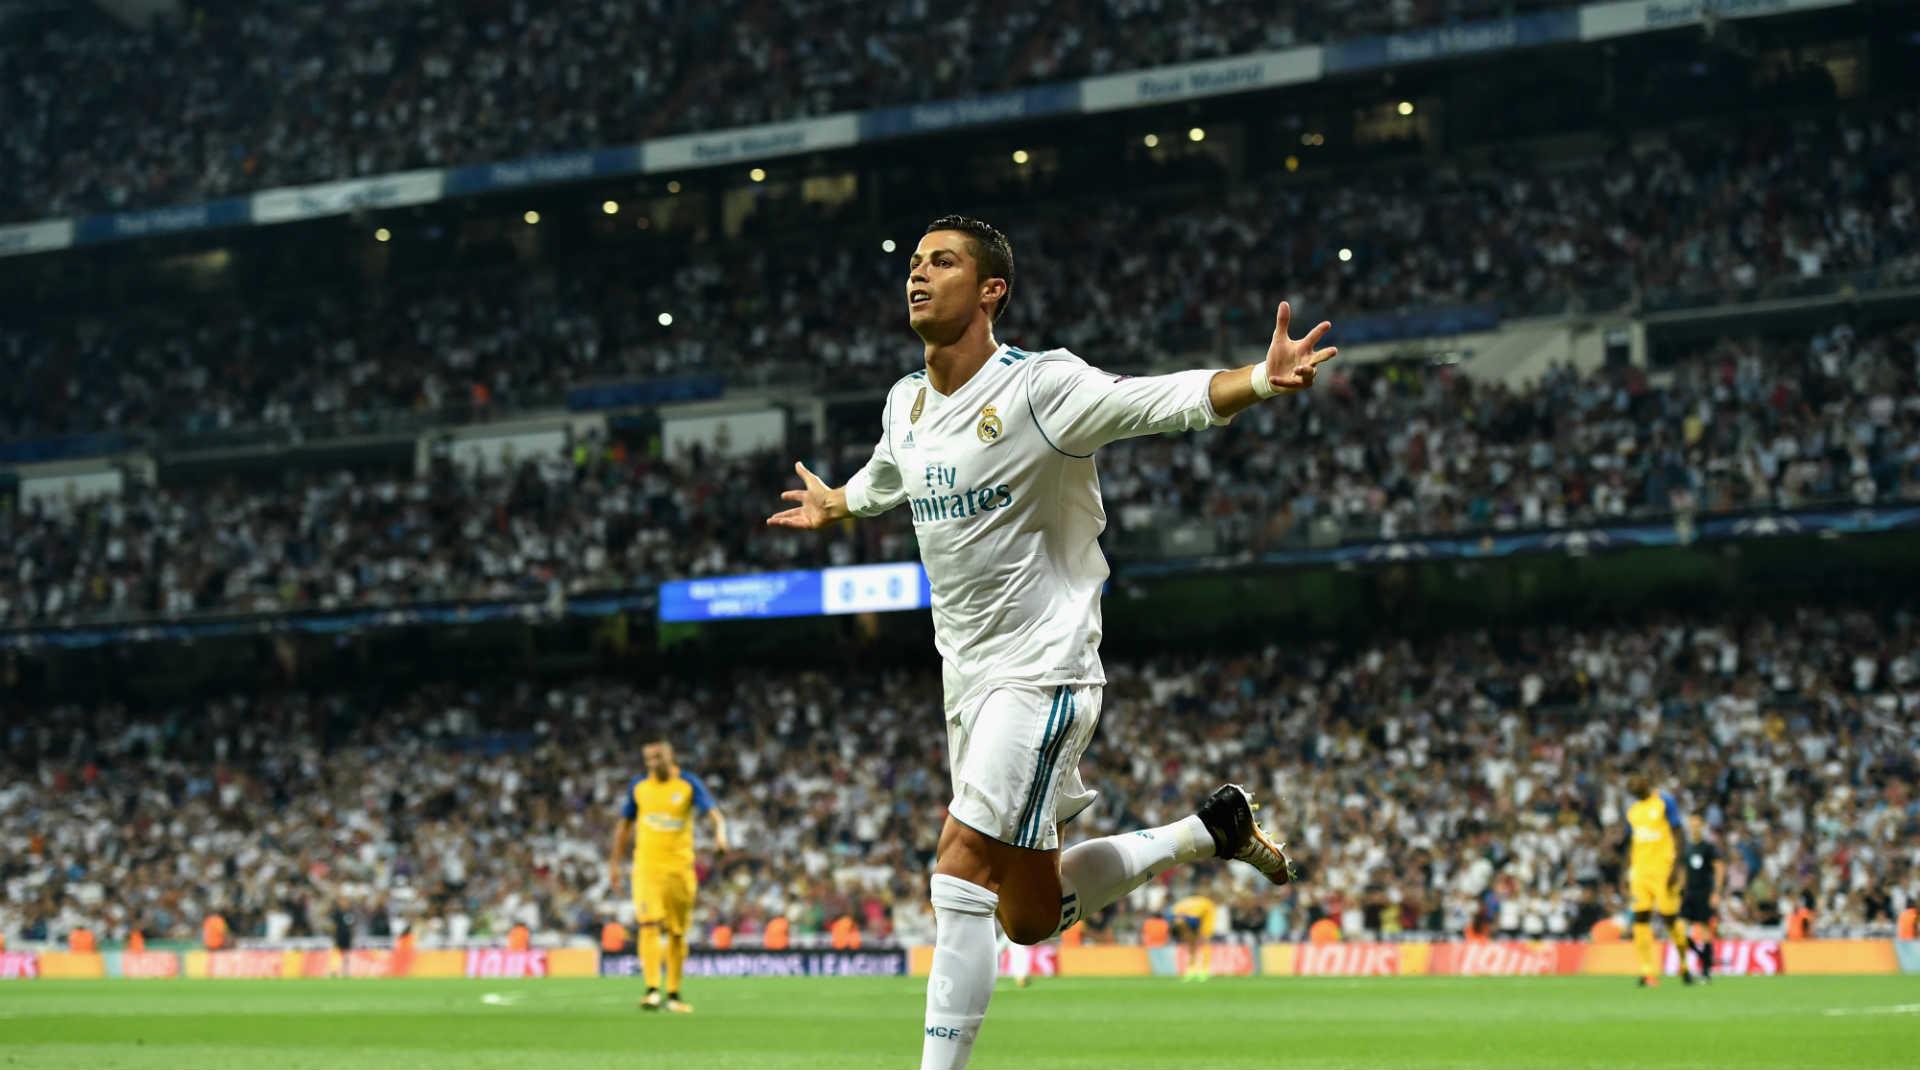 Final de época em 'grande' vale 'penta' a Cristiano Ronaldo — The Best